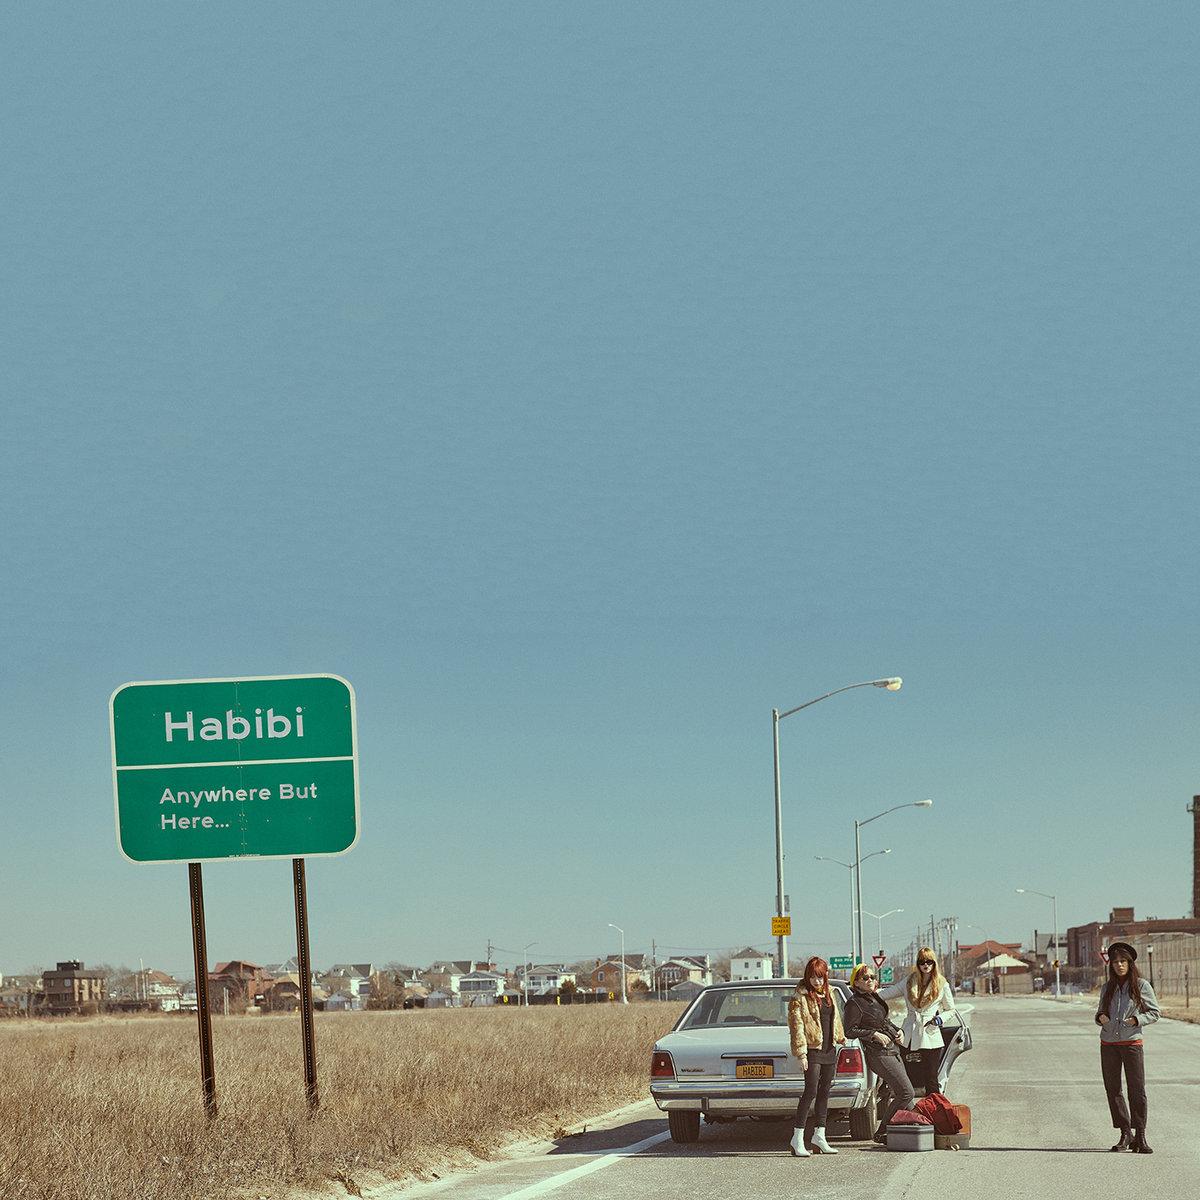 Habibi - Anywhere But Here